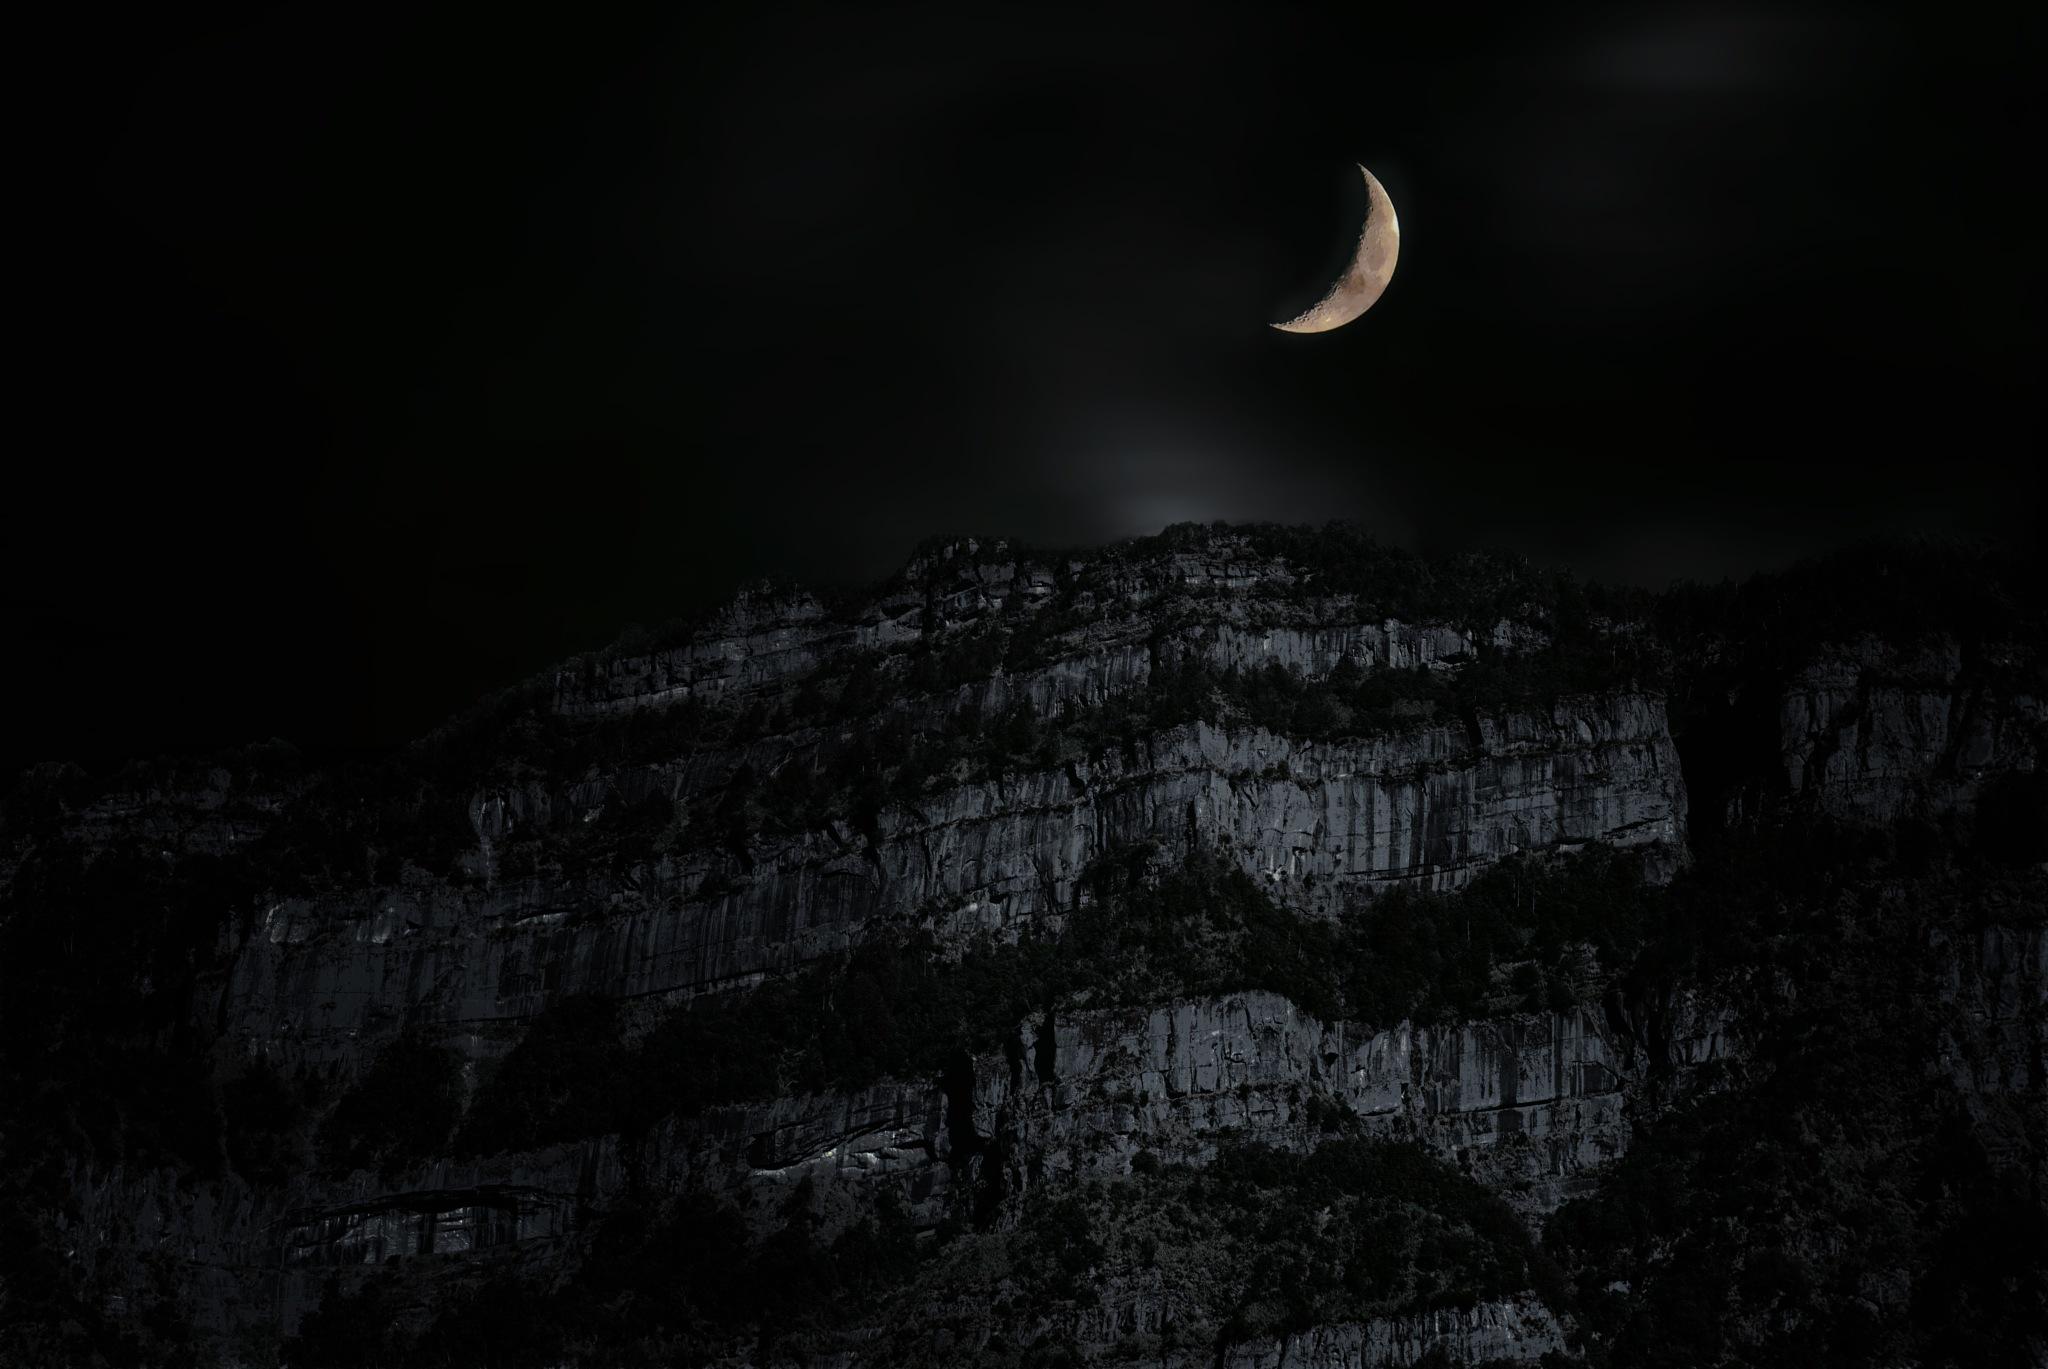 月光 by Yueh Chun Chén